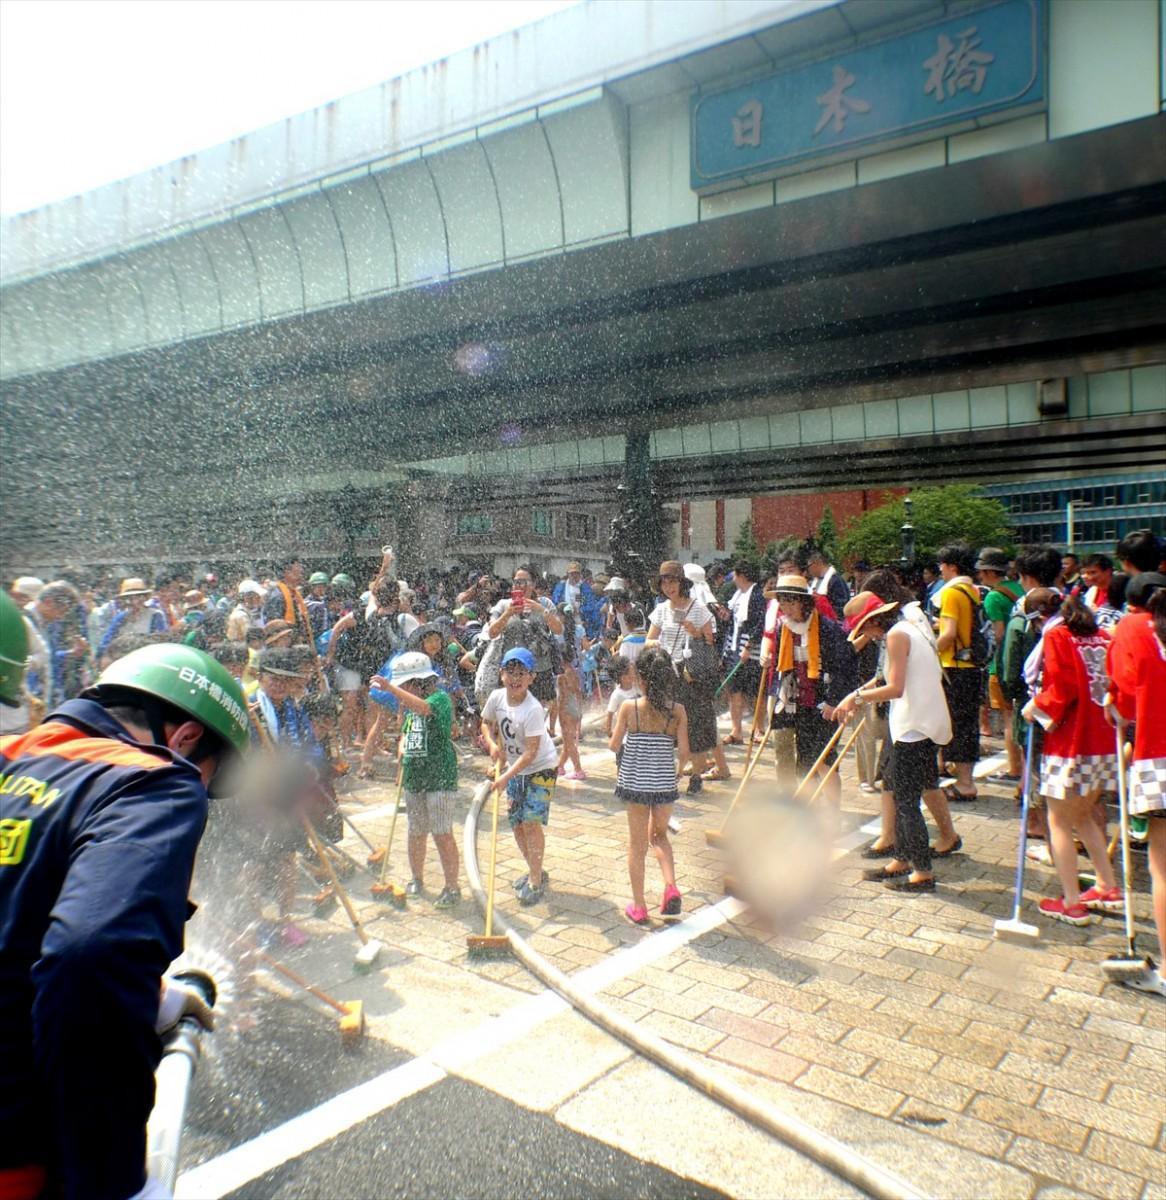 地元消防団の大サービス、放水シャワーに歓声を上げる子どもたち